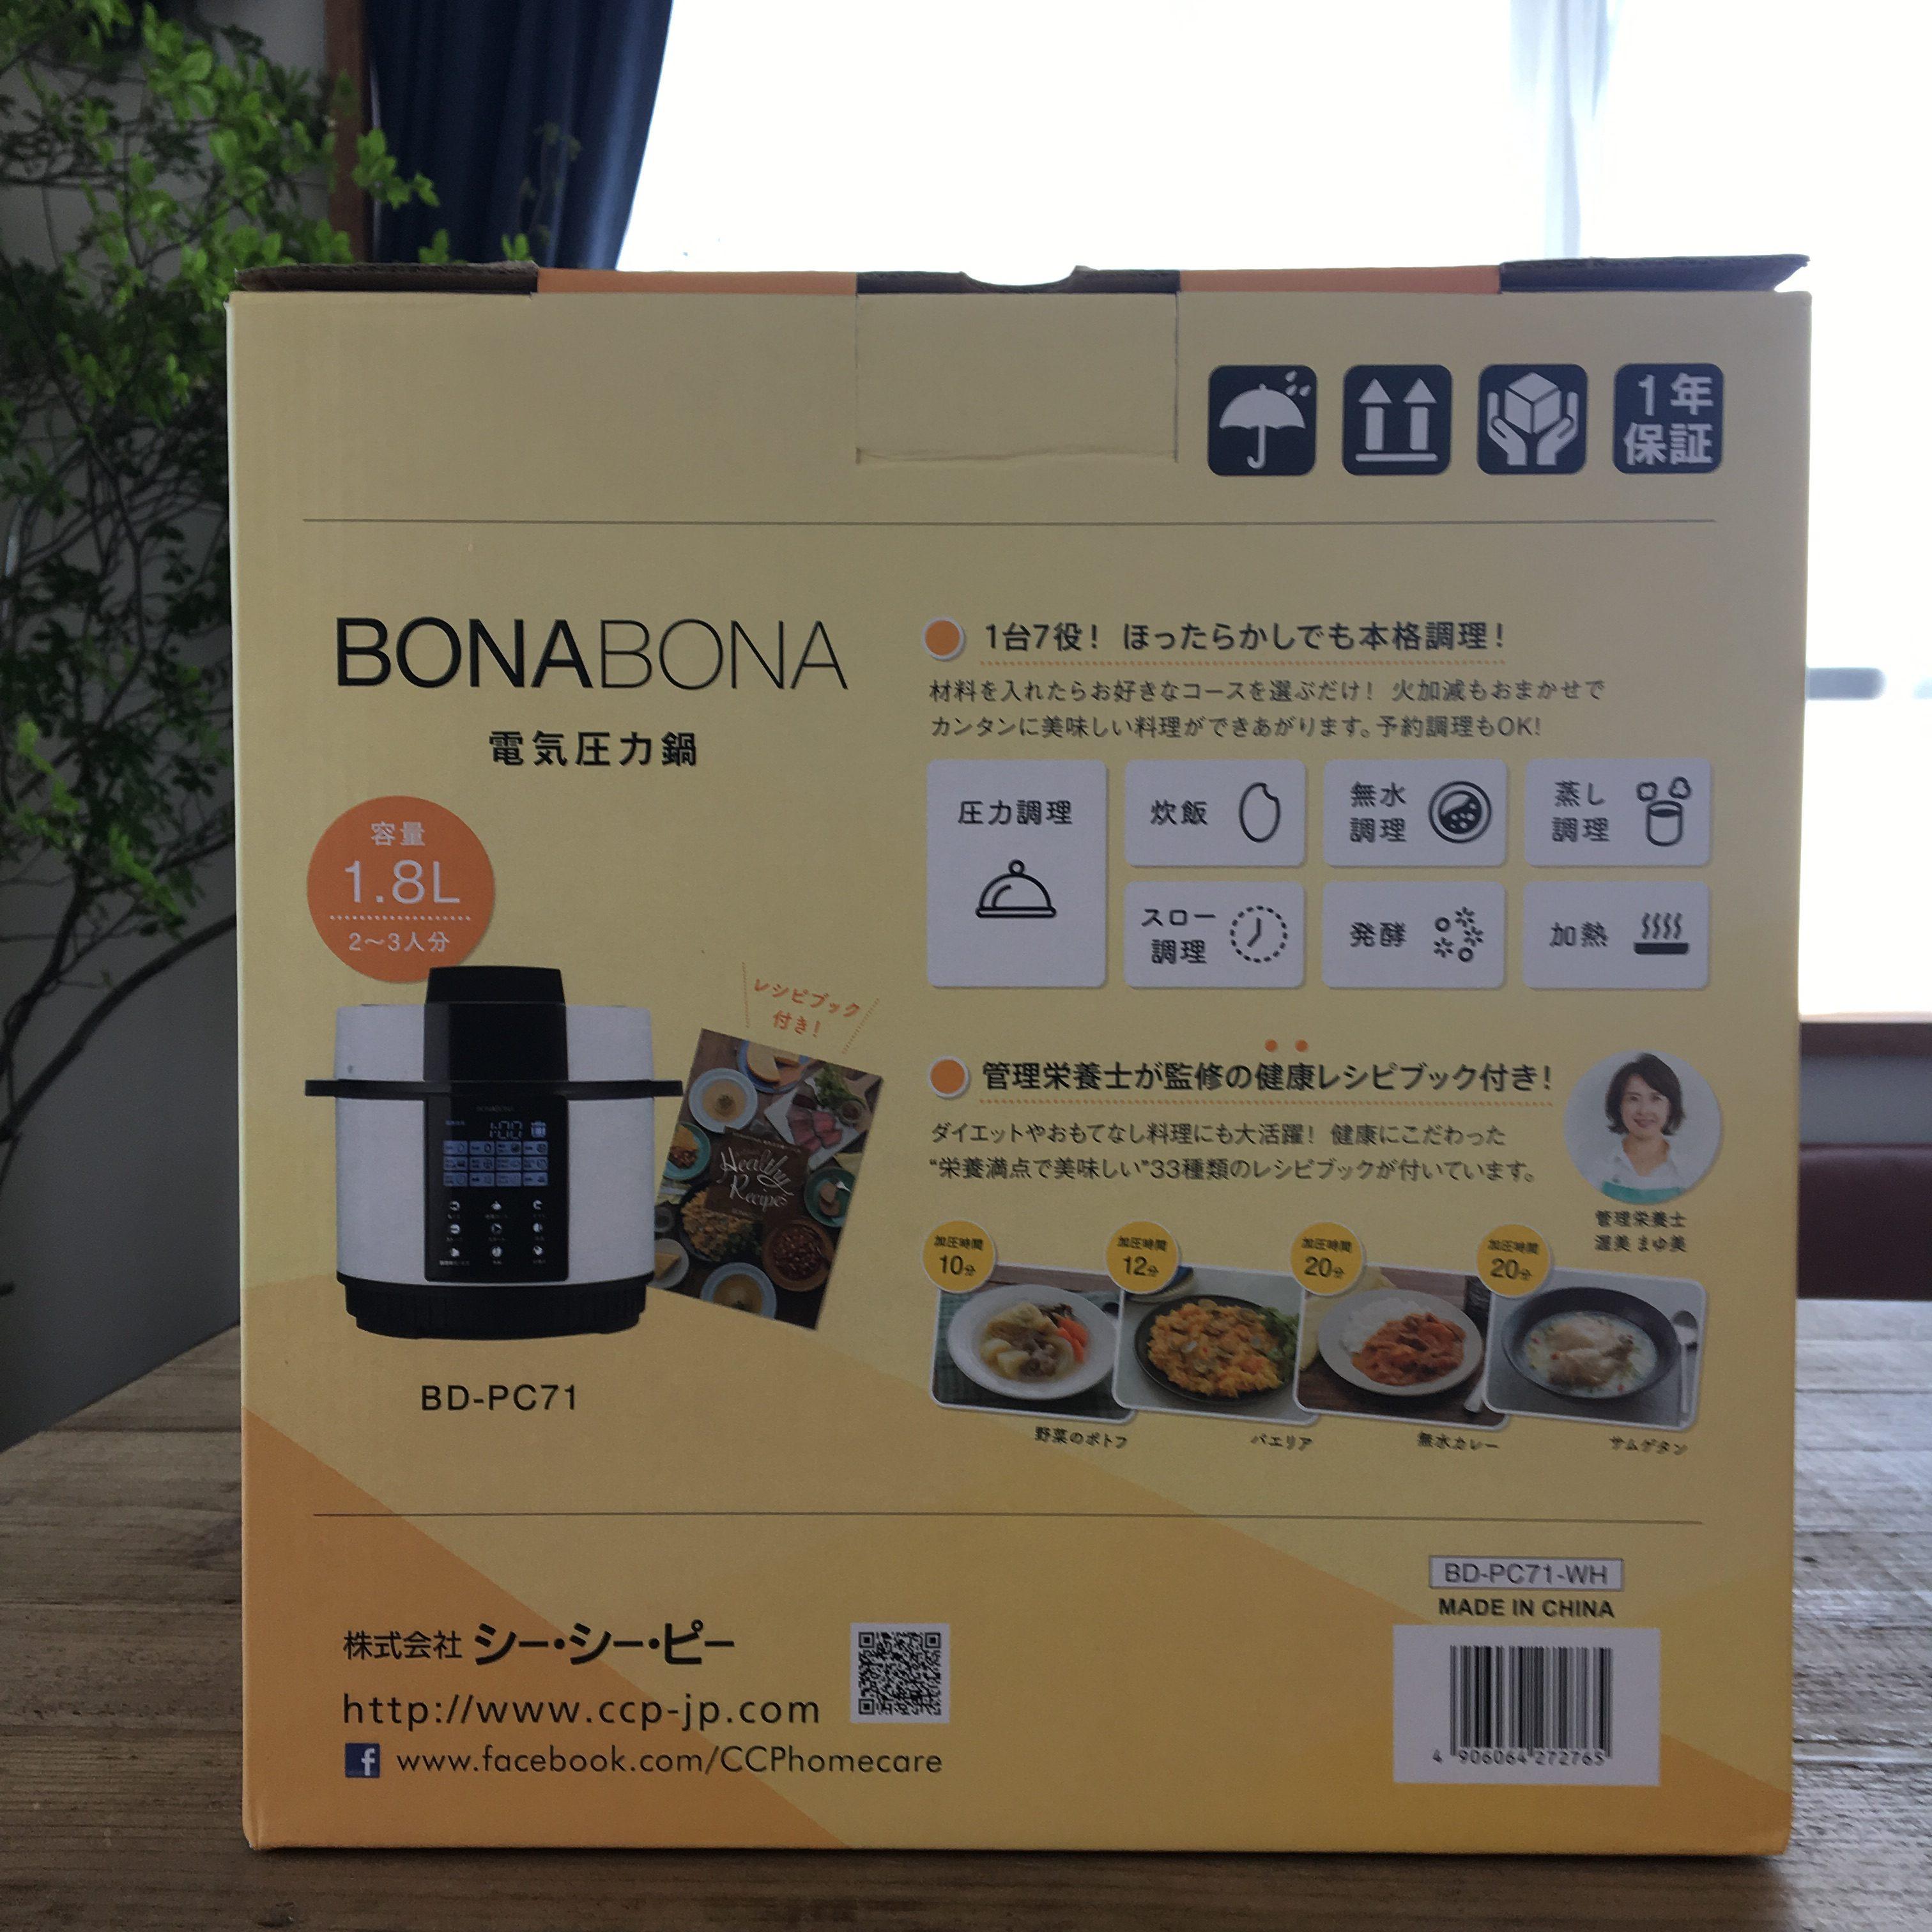 【レシピ開発】入れてほったらかし!ヘルシーレシピ電気圧力鍋BONABONA